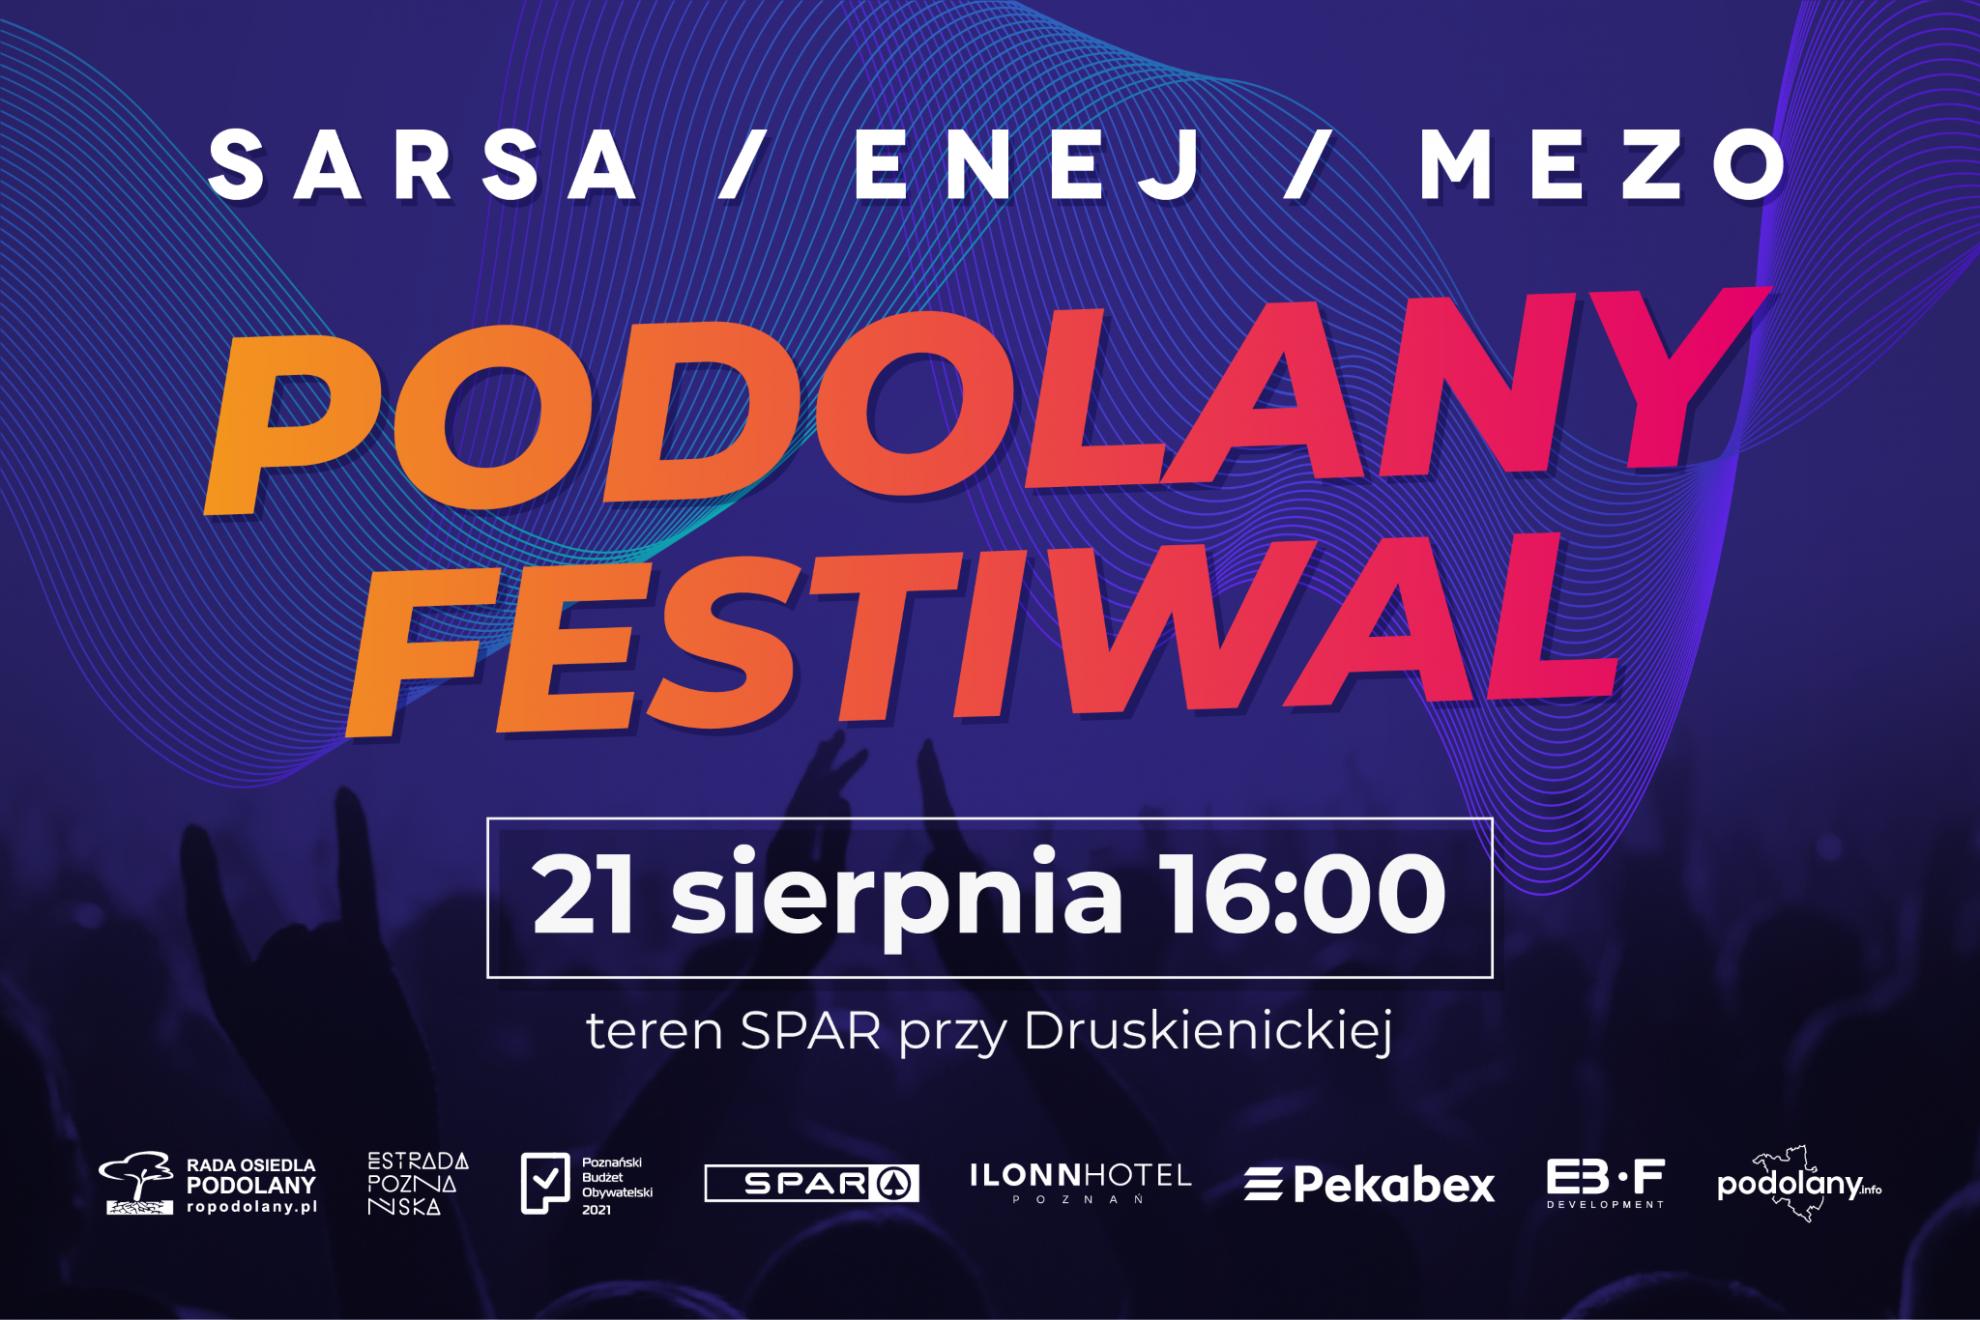 Podolany Festiwal